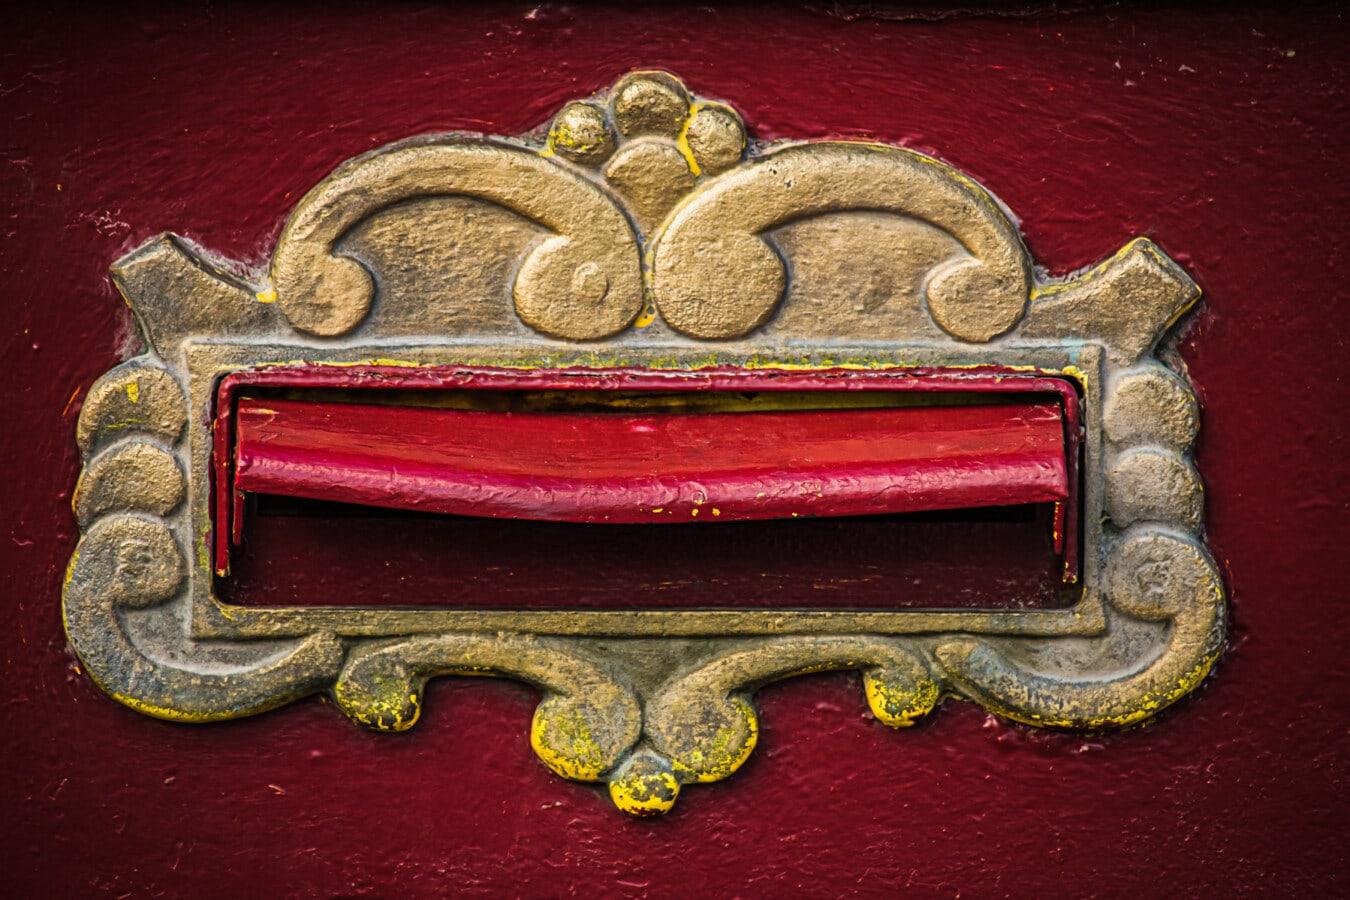 Bronze, Postfach, Ornament, aus Gusseisen, Antik, aus nächster Nähe, Dekoration, Textur, alt, metallische